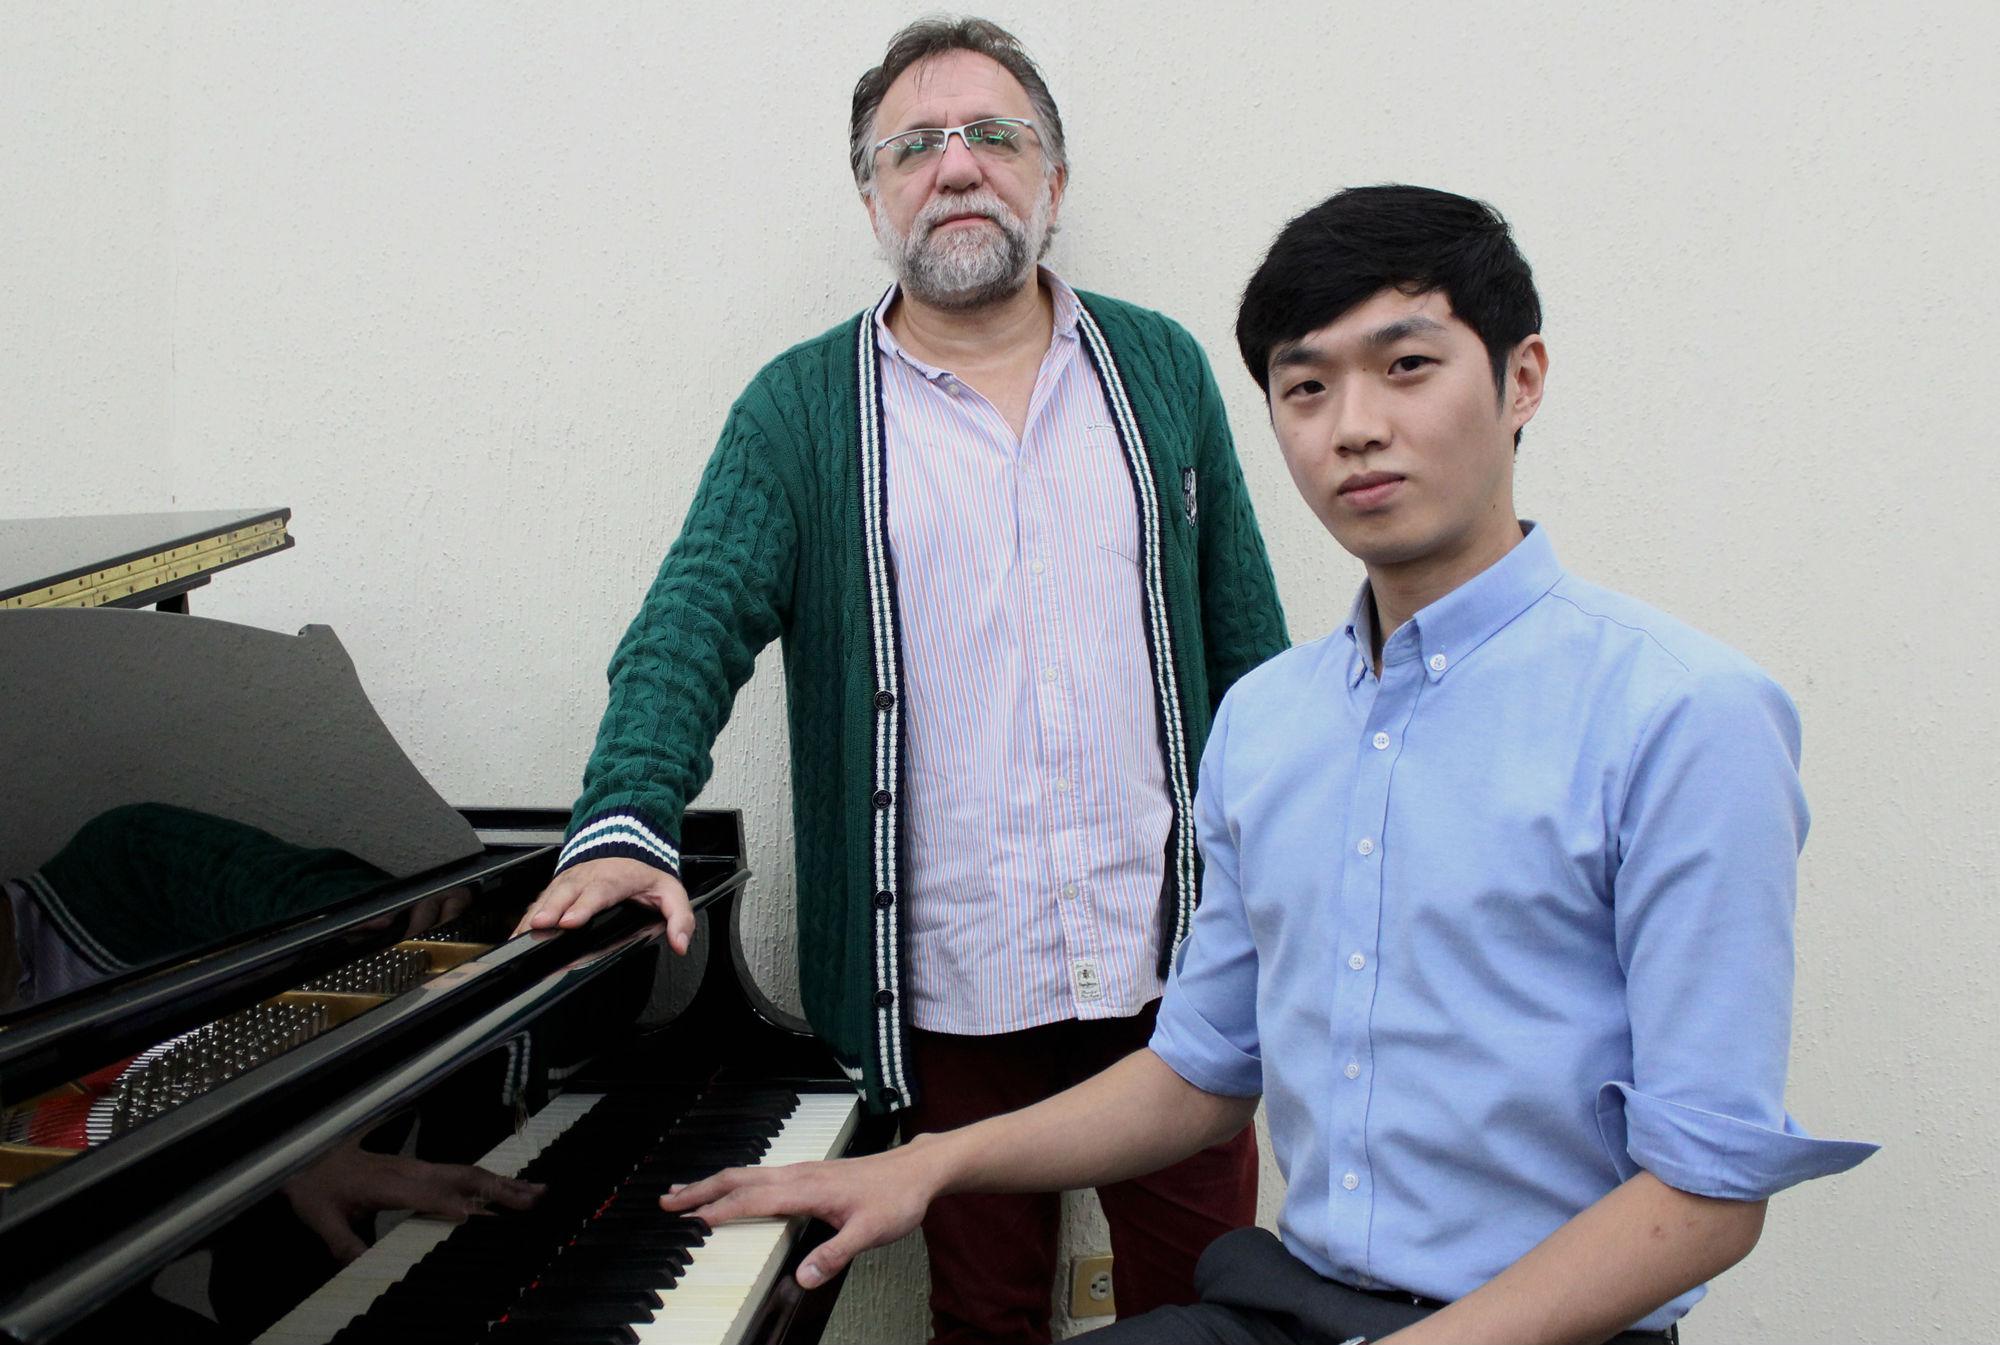 Rueda de prensa con el director huésped, Hakan Sensoy y el pianista invitado Sang-Eil Shin